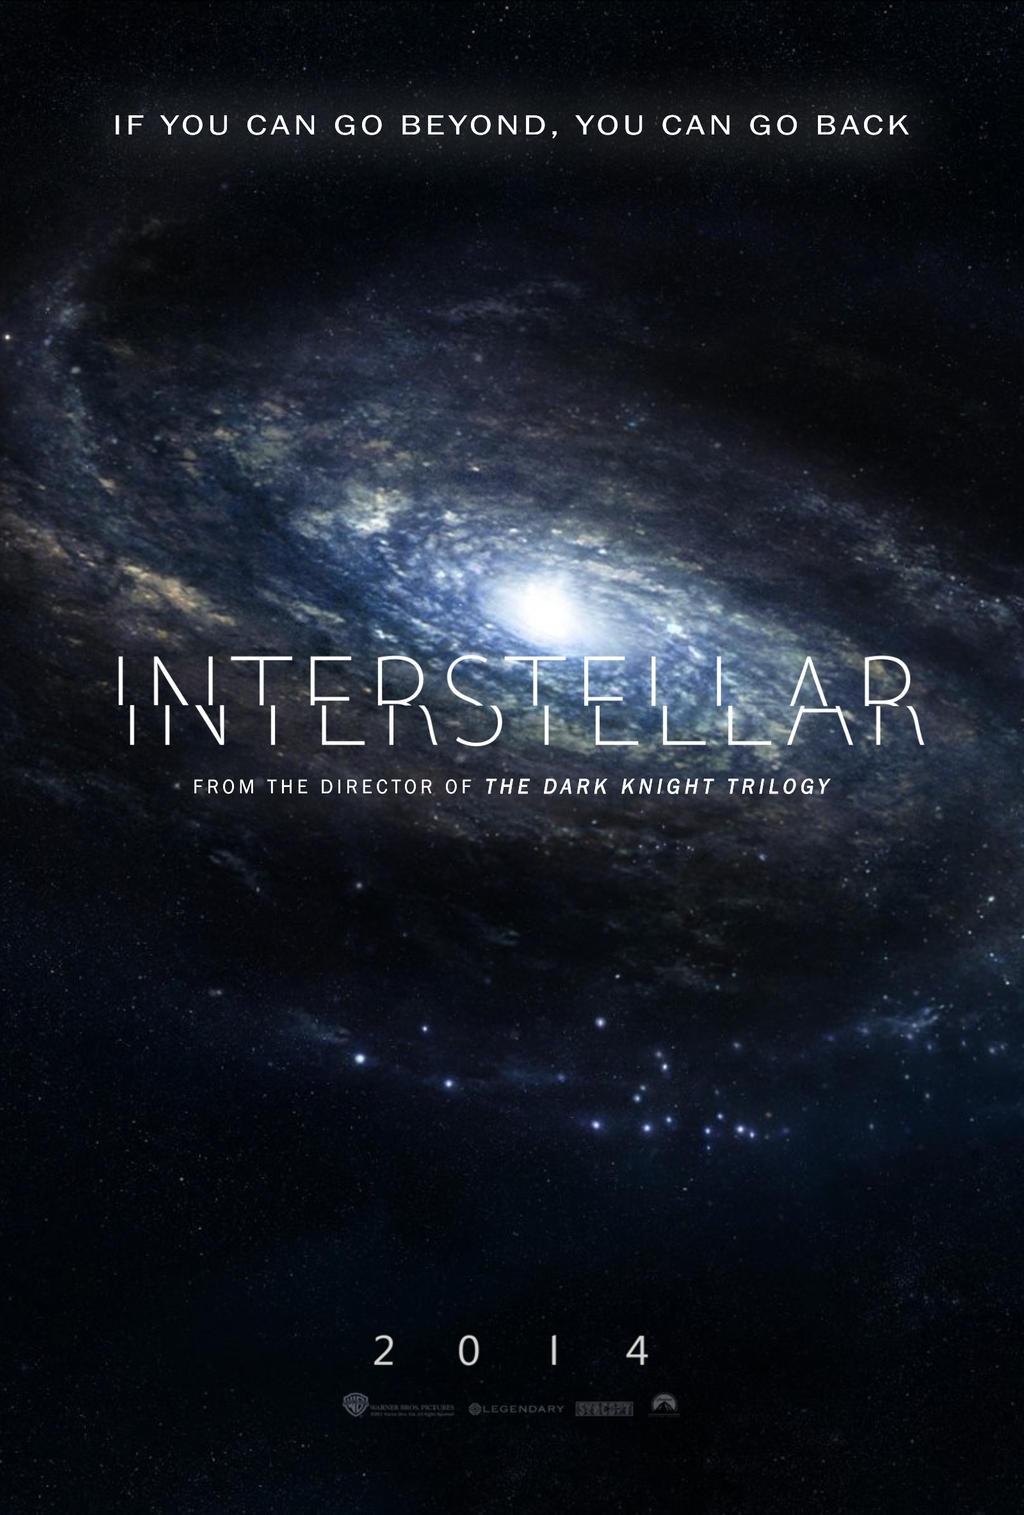 Interstellar Poster V1 By Francus321 On Deviantart